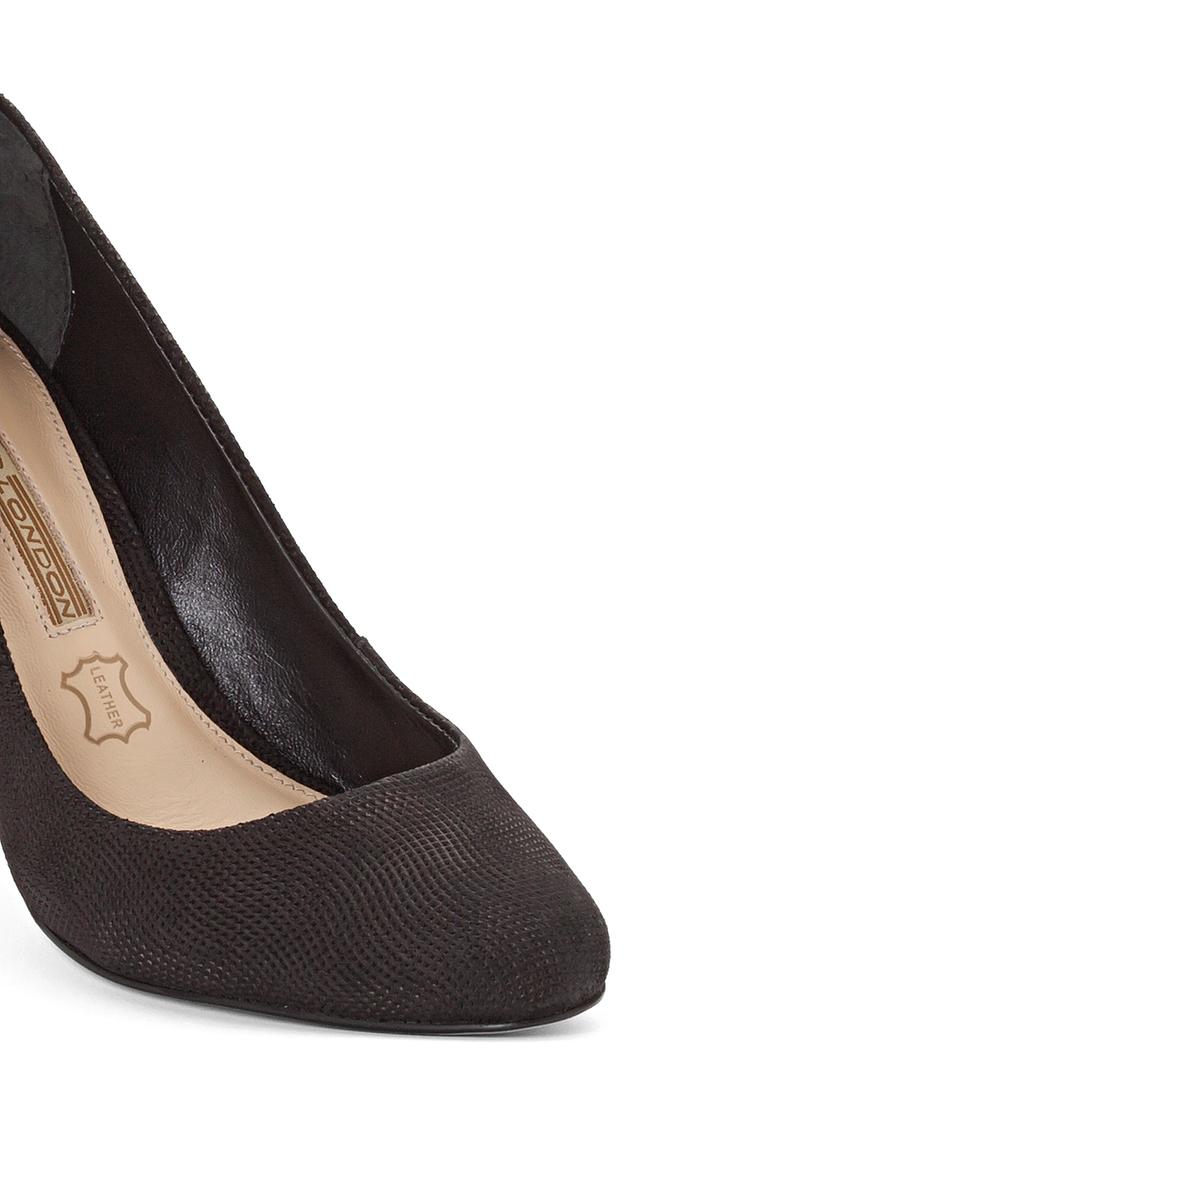 Туфли на каблуке, ZS6061Верх/Союзка: Кожа.   Подкладка: Кожа.    Подошва: Синтетический материал.                 Высота каблука: 7 см.   Форма каблука: Широкая.  Мысок: Круглый.   Застежка: Без застежки.<br><br>Цвет: бордовый,черный<br>Размер: 39.38.36